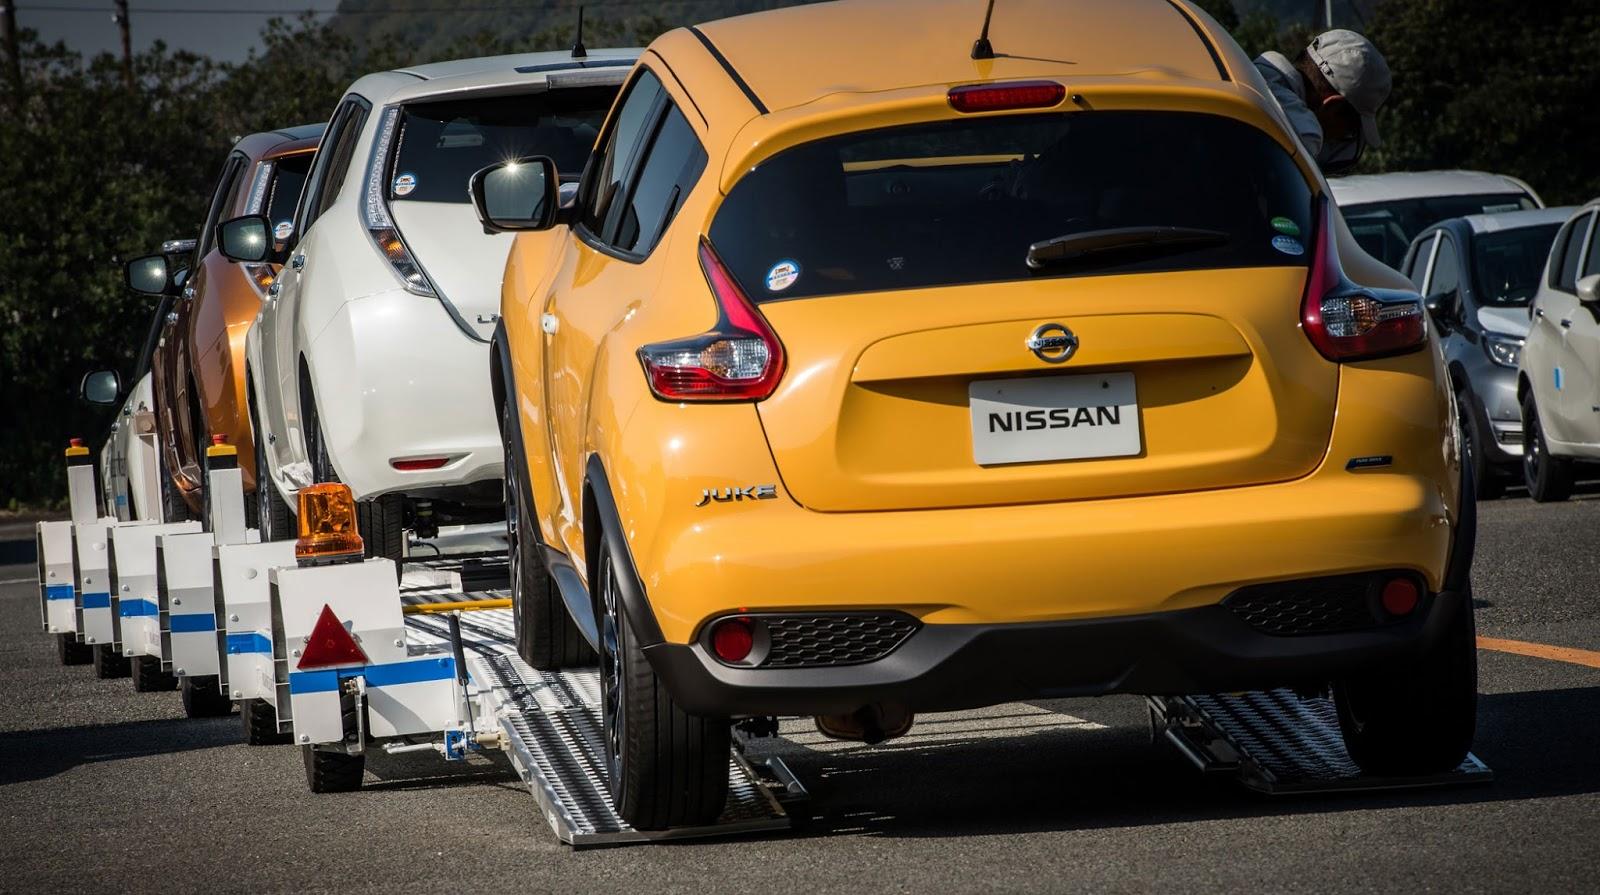 Αυτόνομο σύστημα ρυμούλκησης  οχημάτων σε εργοστάσιο της  Nissan